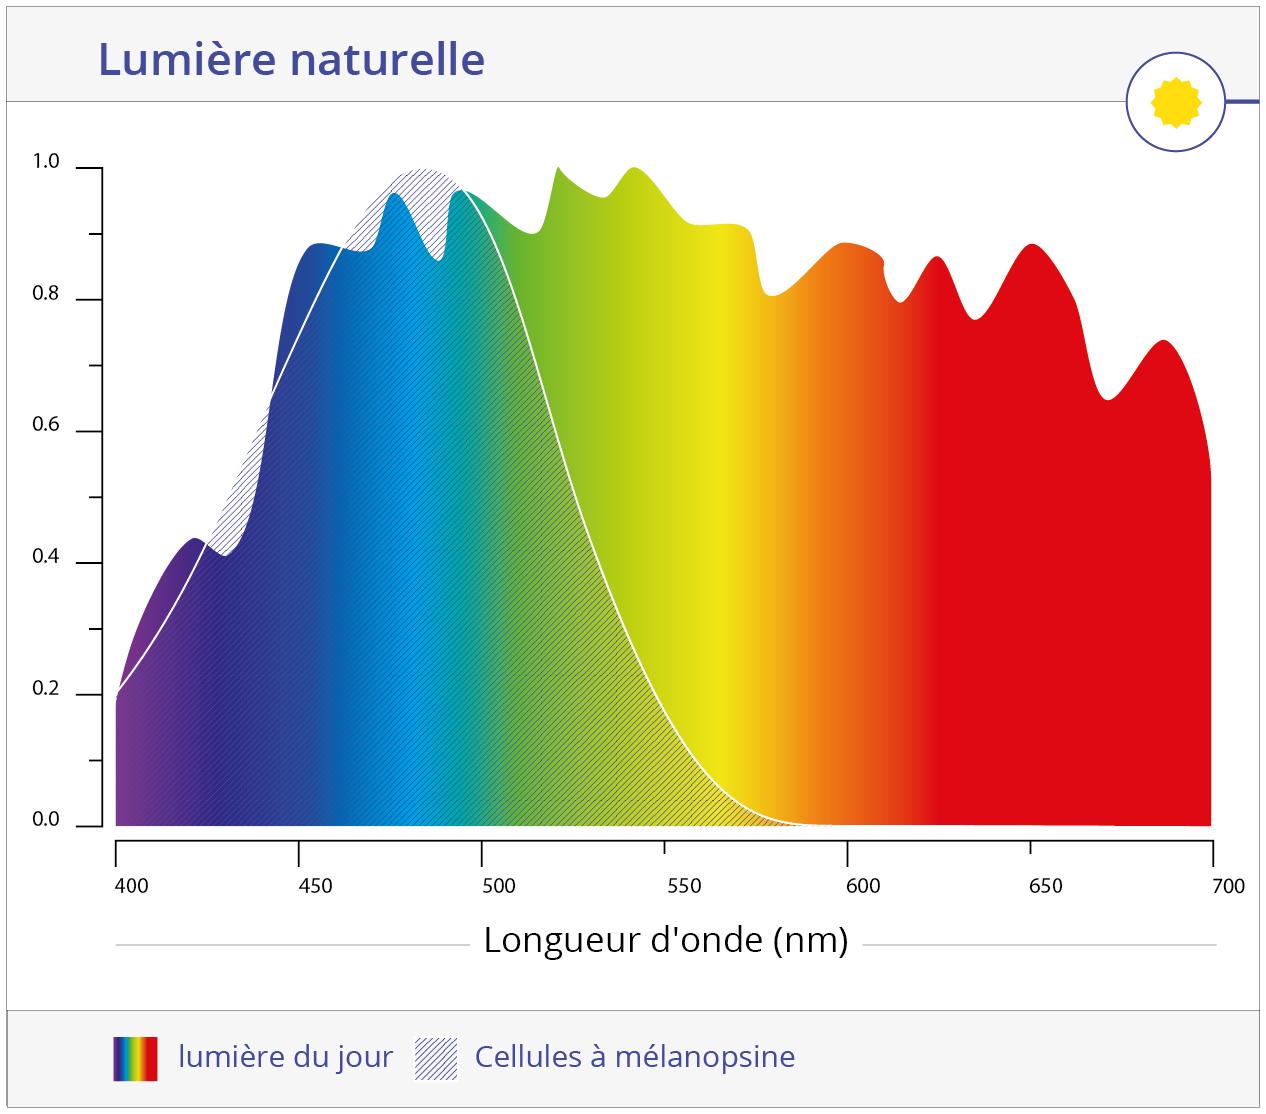 Cellule mélanopsine et lumière du jour